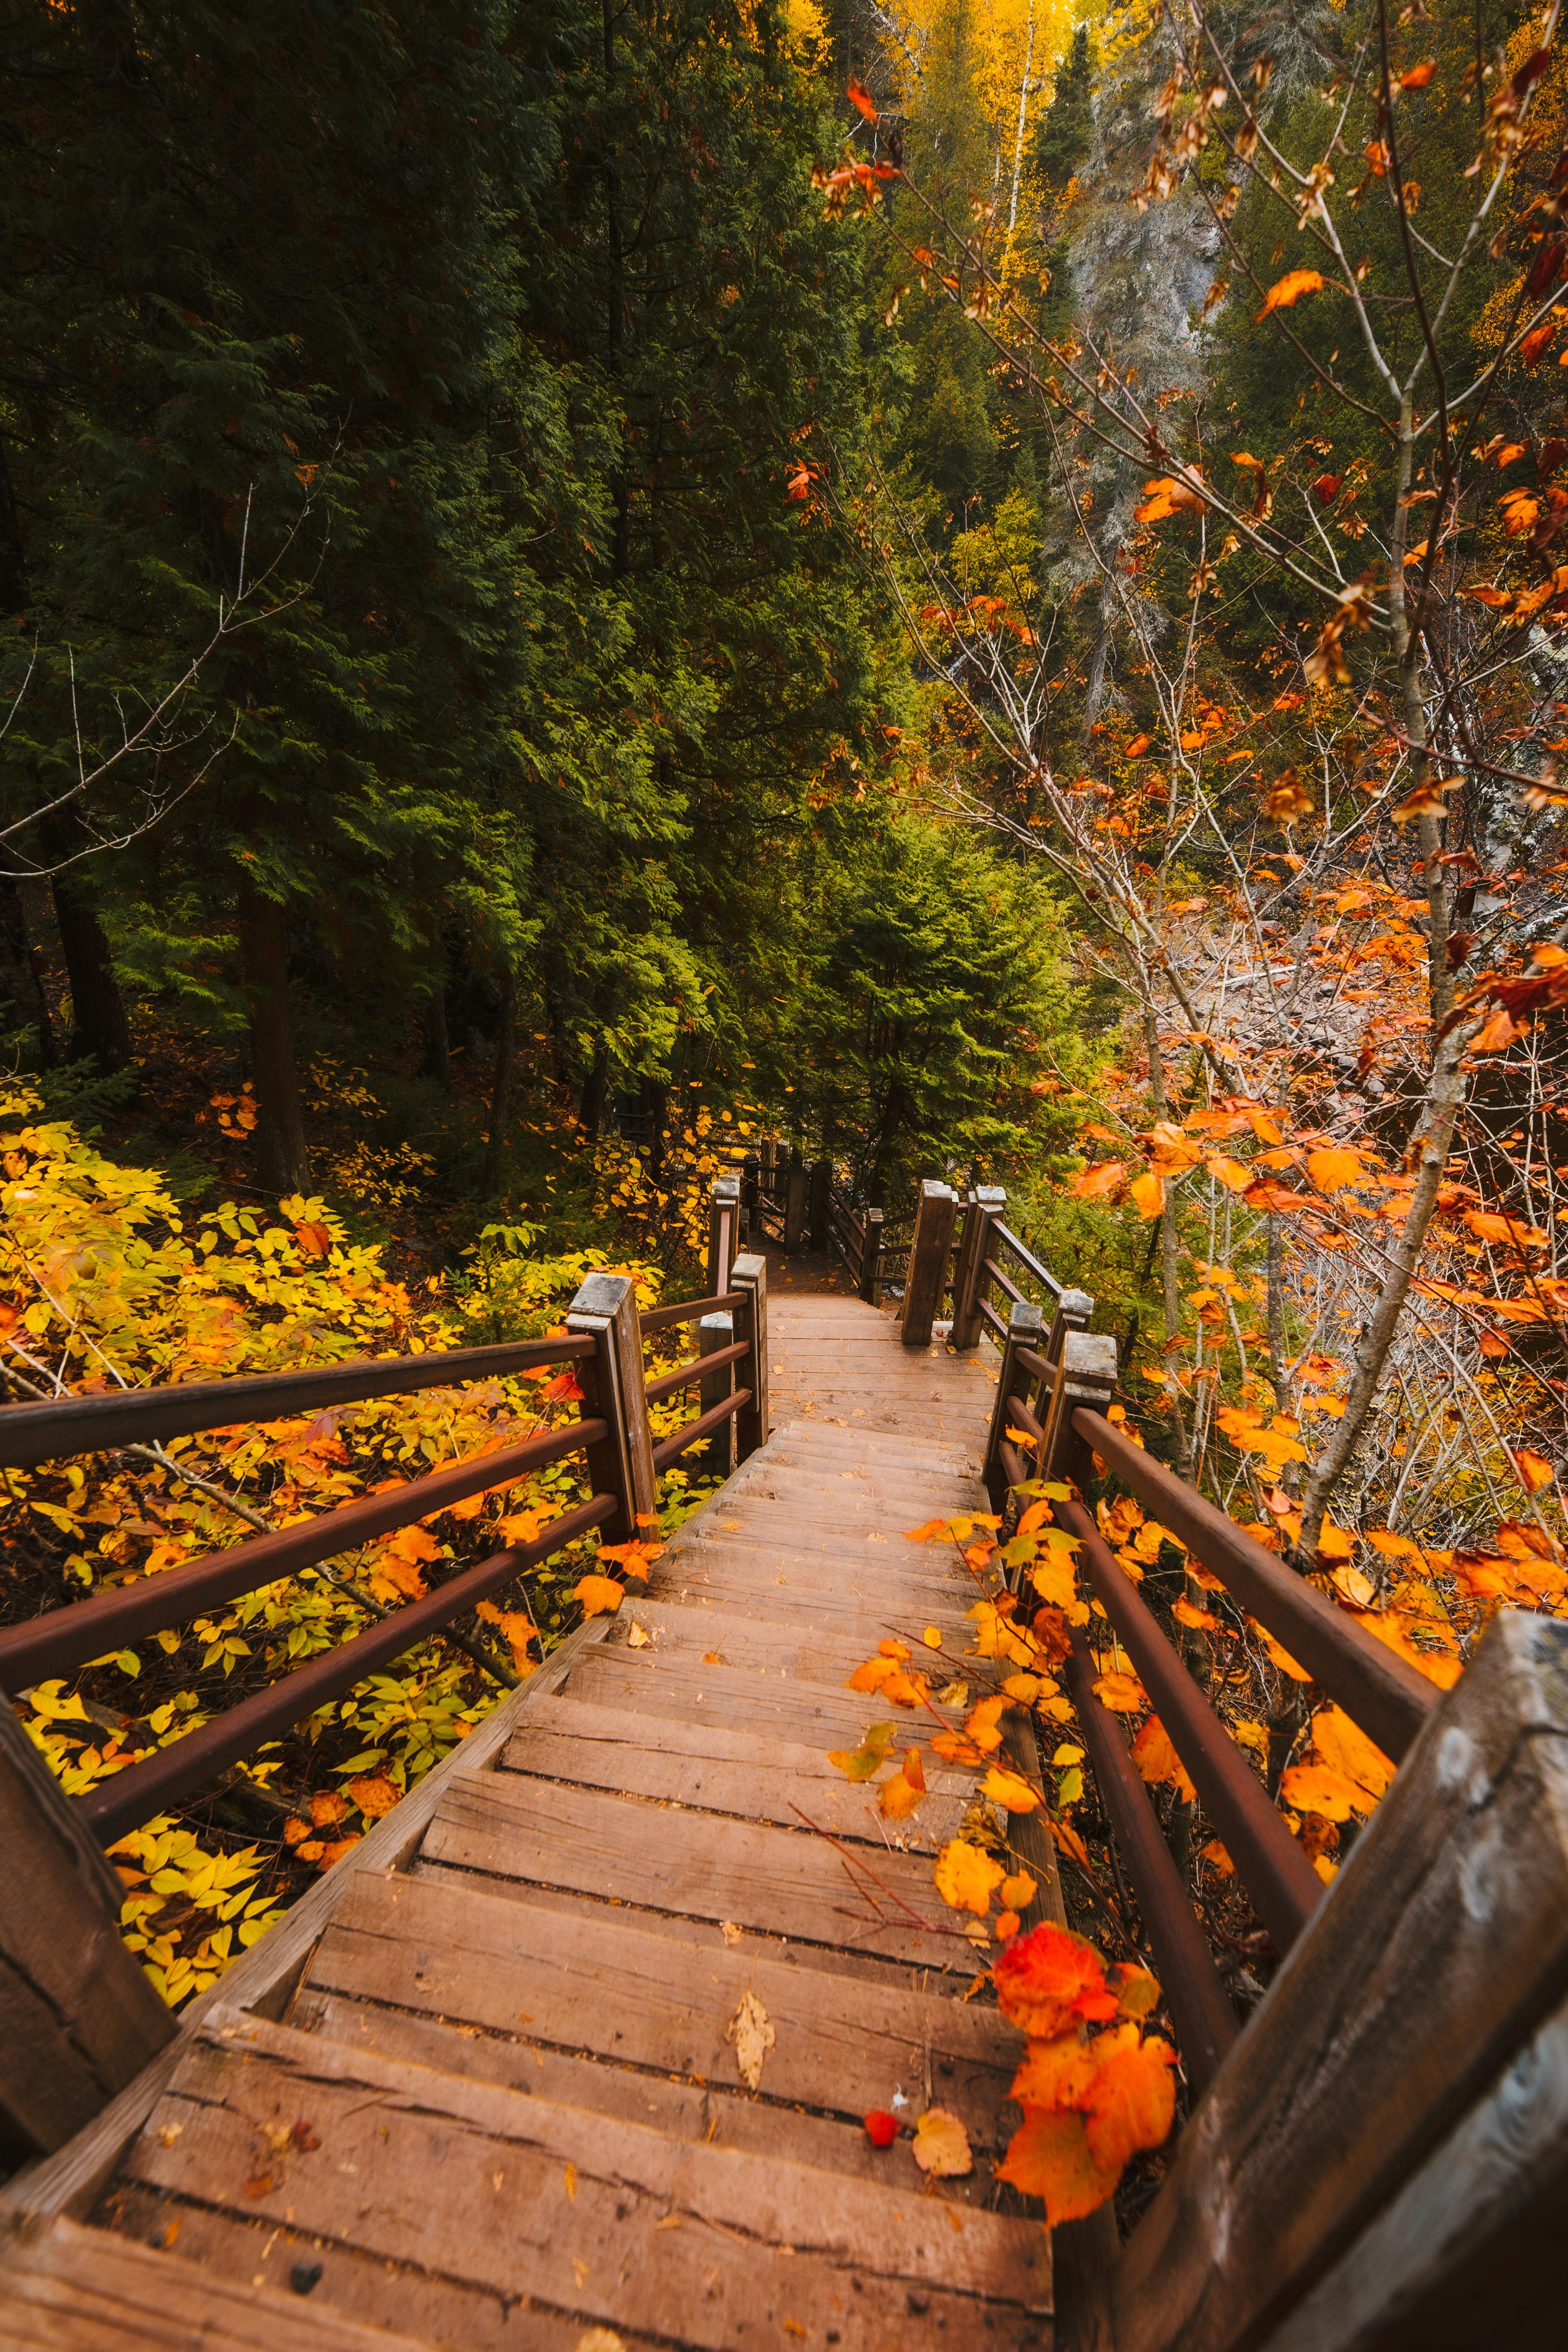 131495 скачать обои Осень, Природа, Листья, Ветки, Лестница, Ступени - заставки и картинки бесплатно